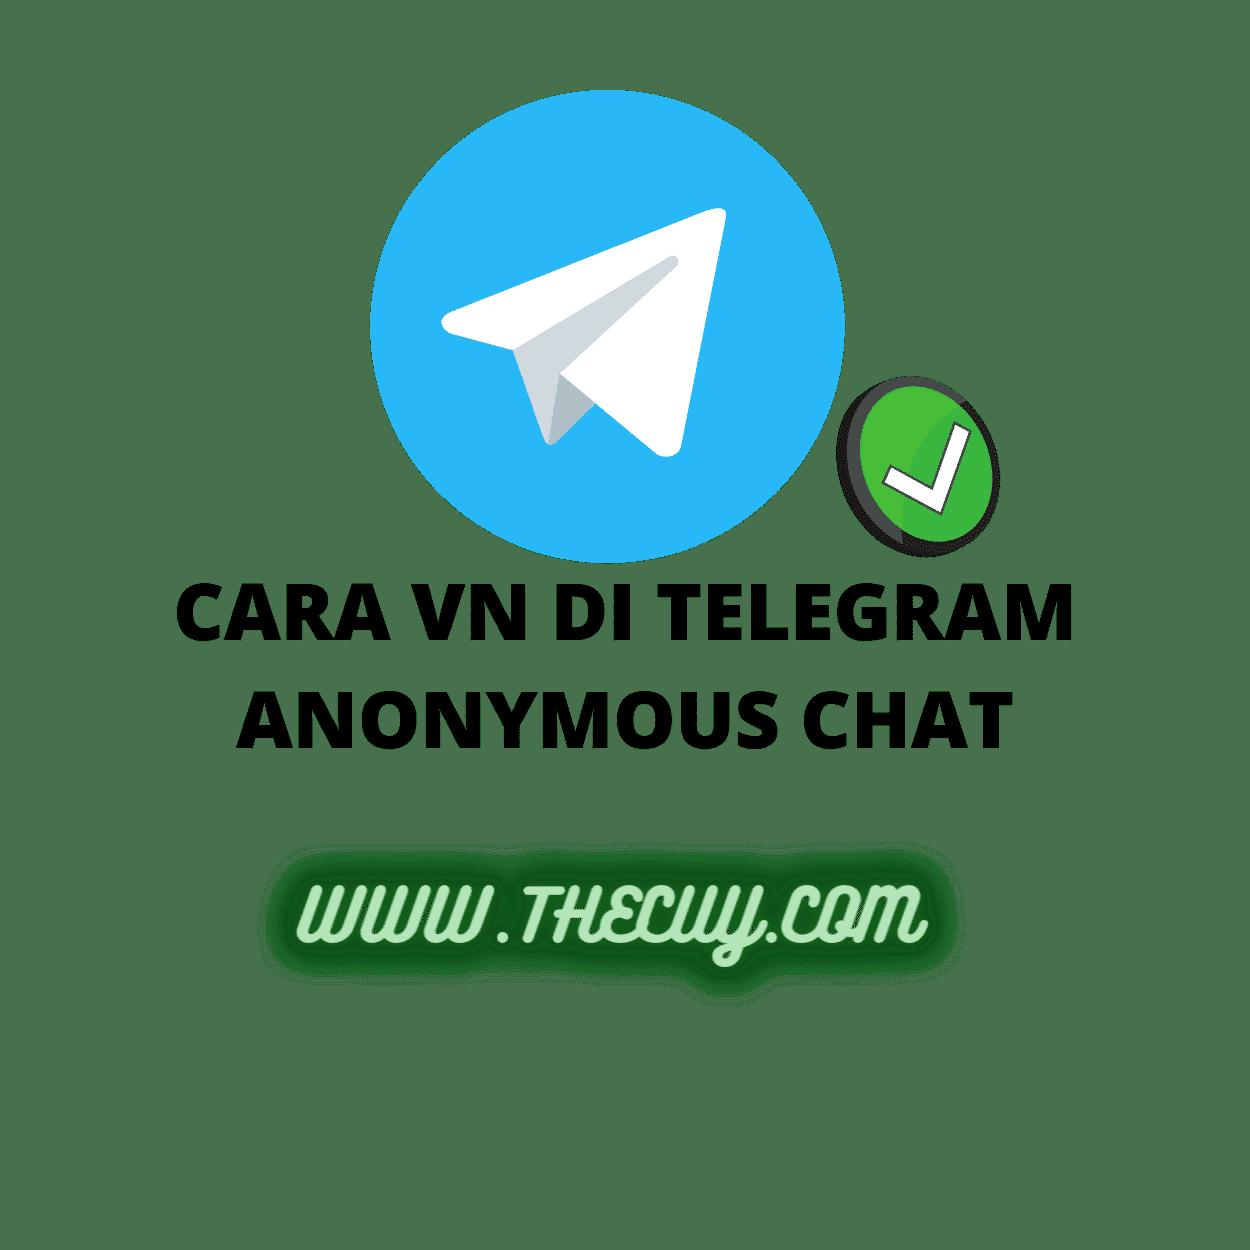 CARA VN DI TELEGRAM ANONYMOUS CHAT